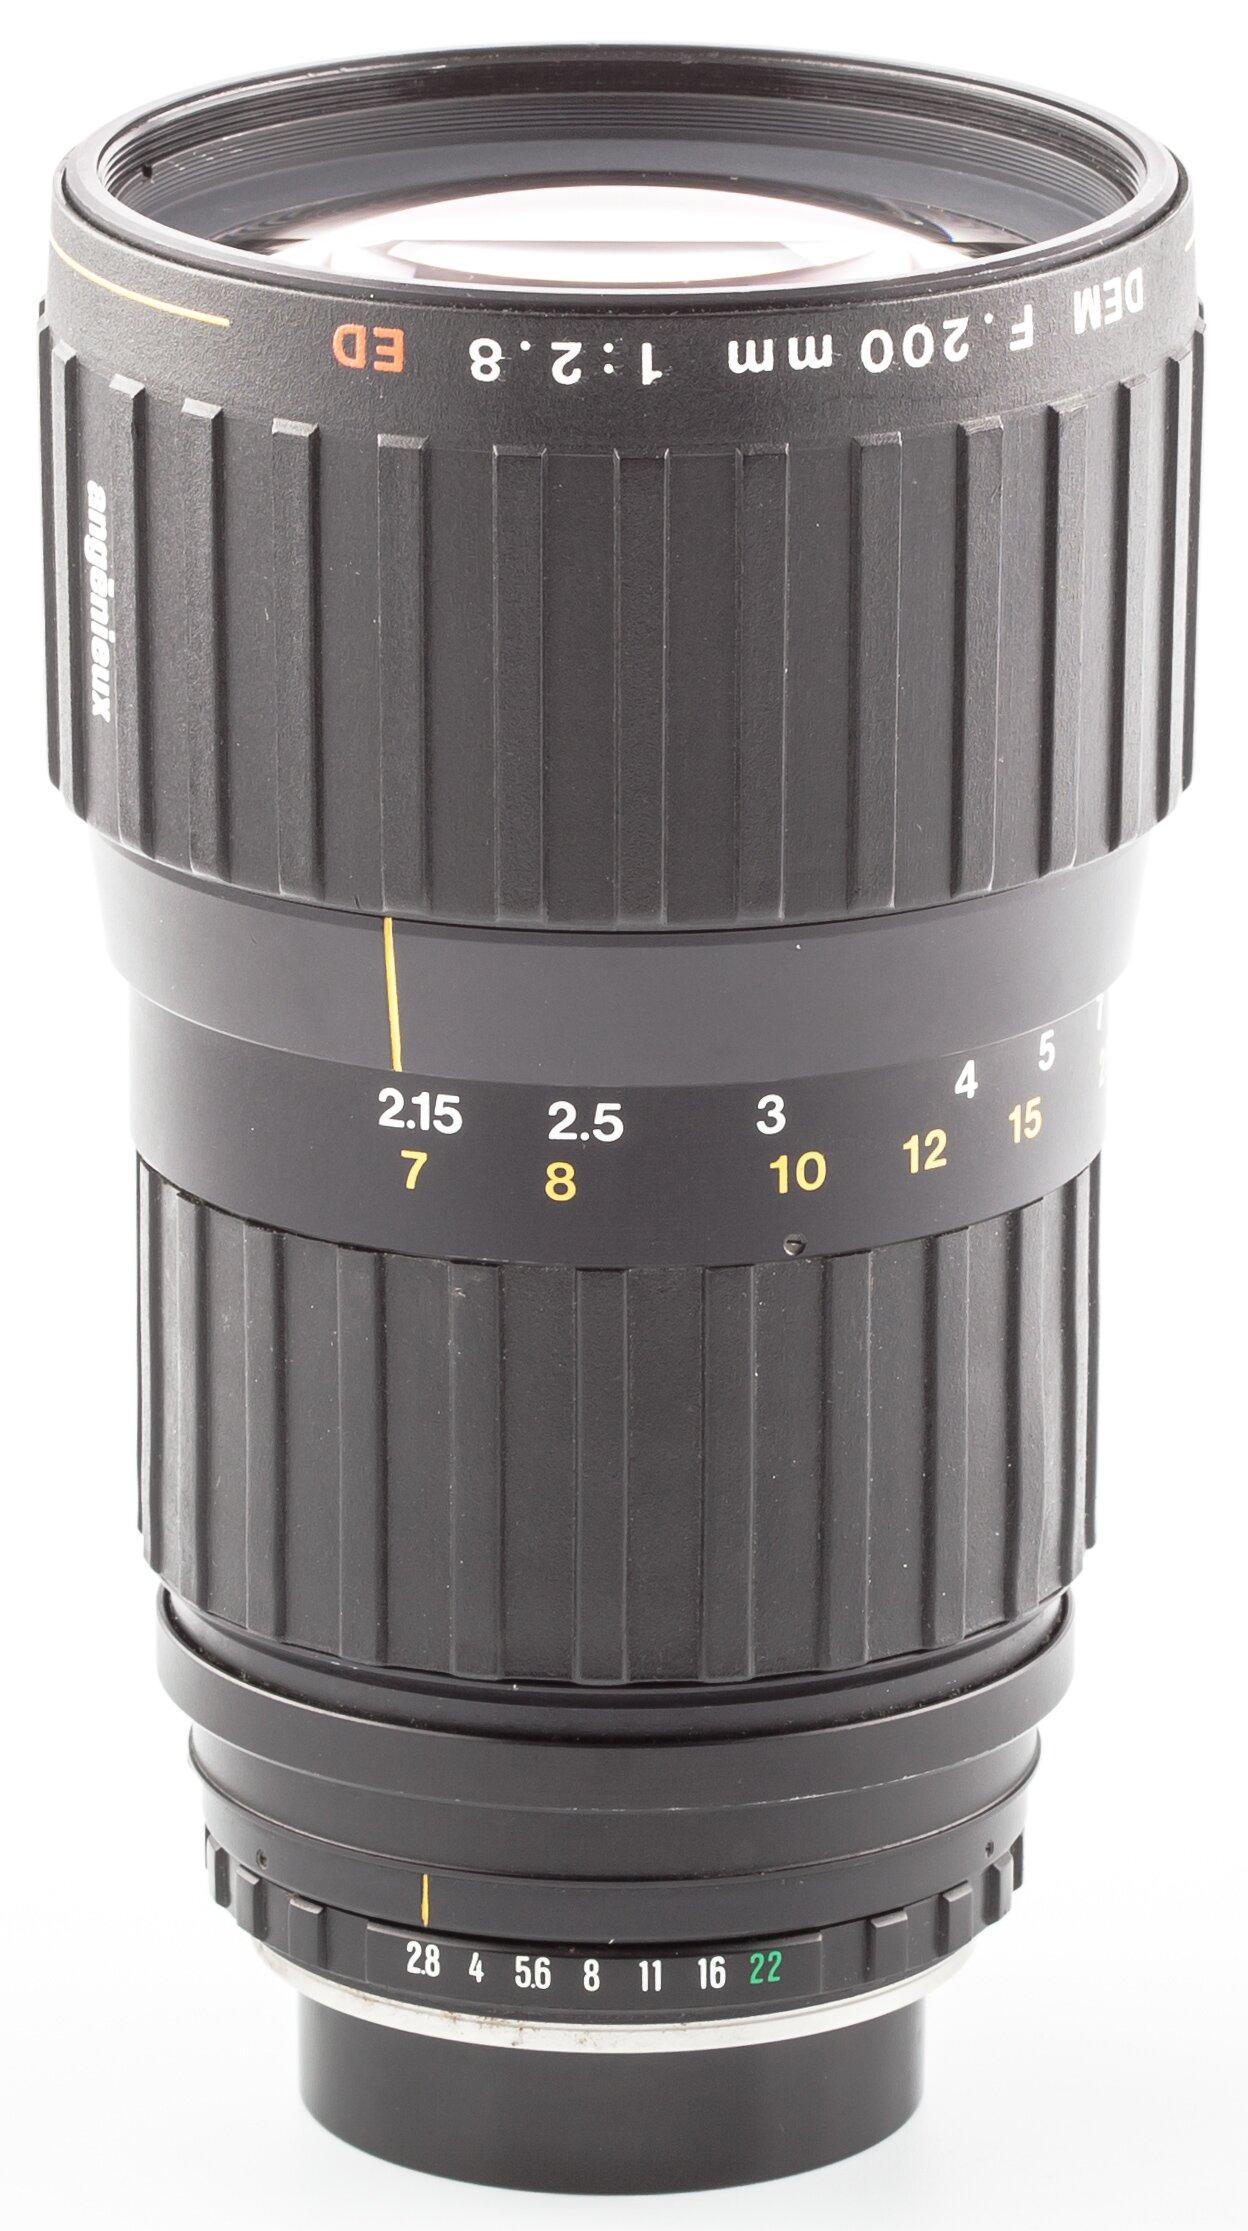 Angenieux f. Contax RTS 2,8/200mm ED DEM  Contax MM